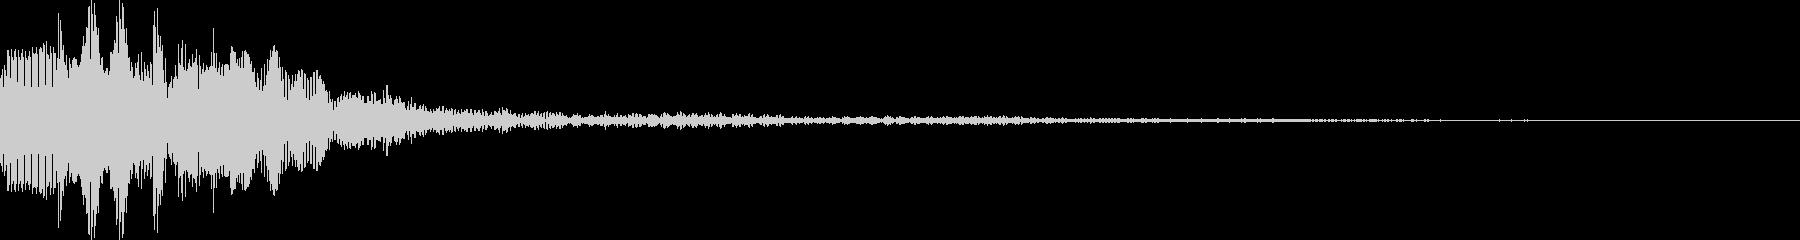 オーソドックスなセレクト音の未再生の波形